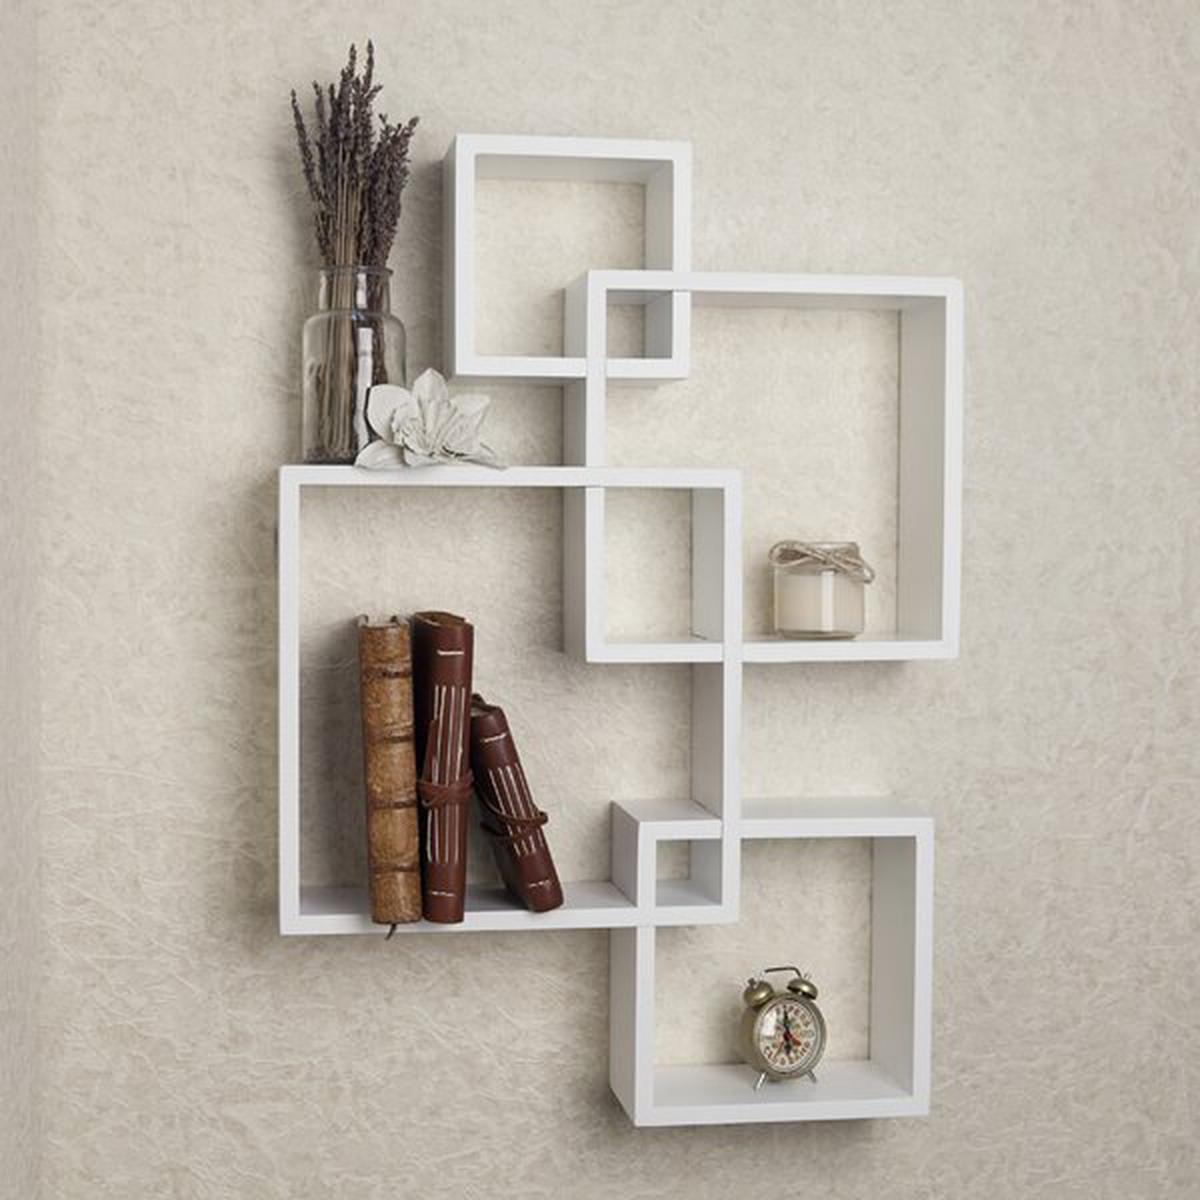 frame-shelf